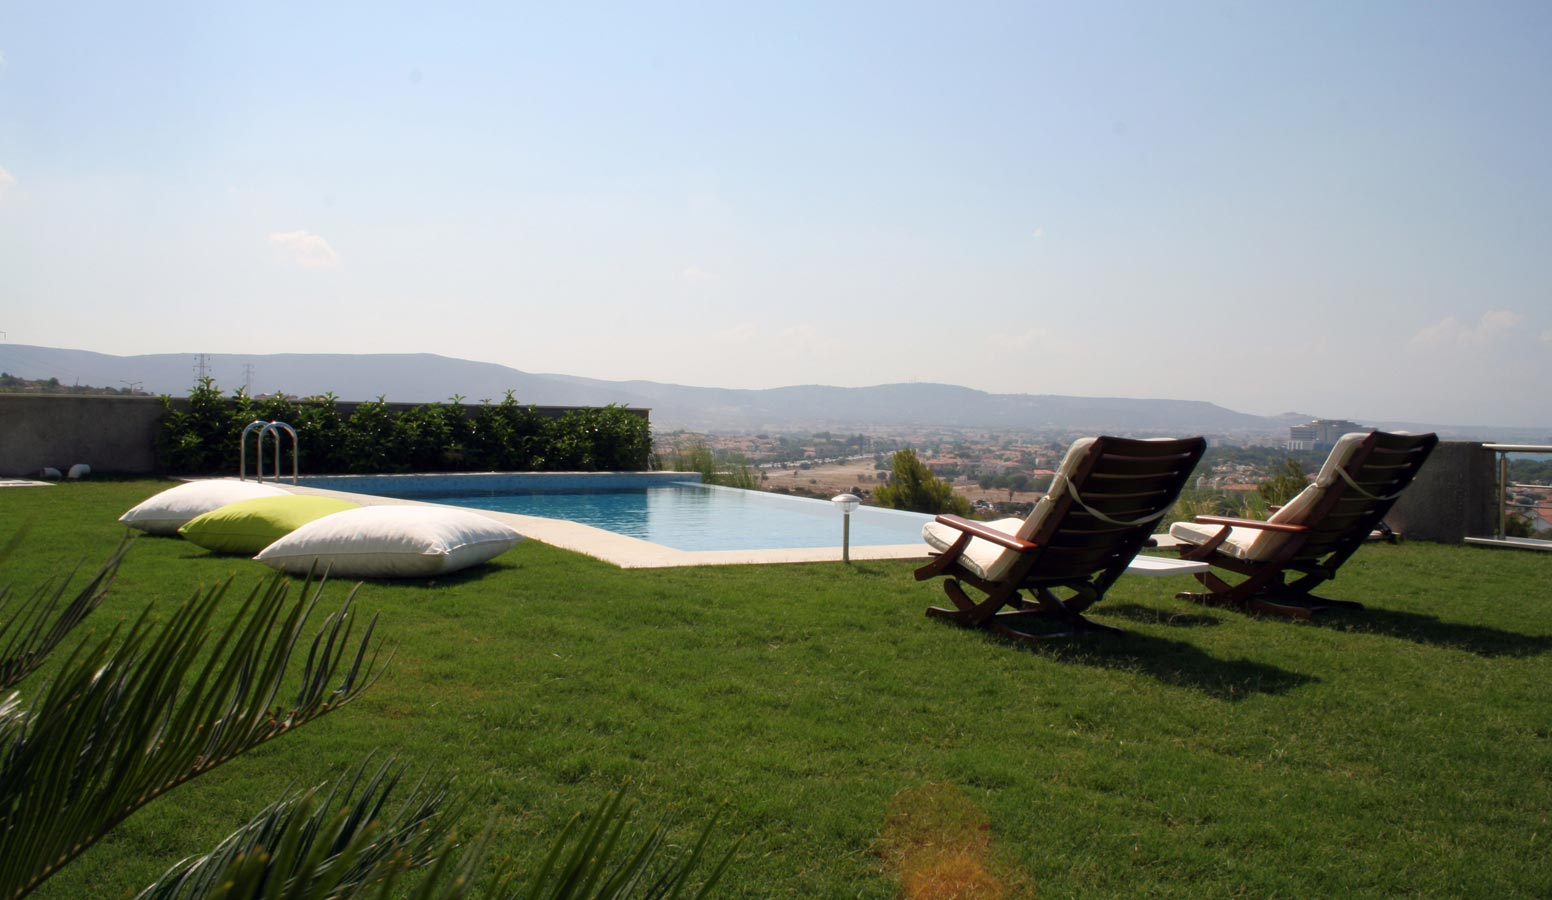 Şahin Tepesi Villaları havuz